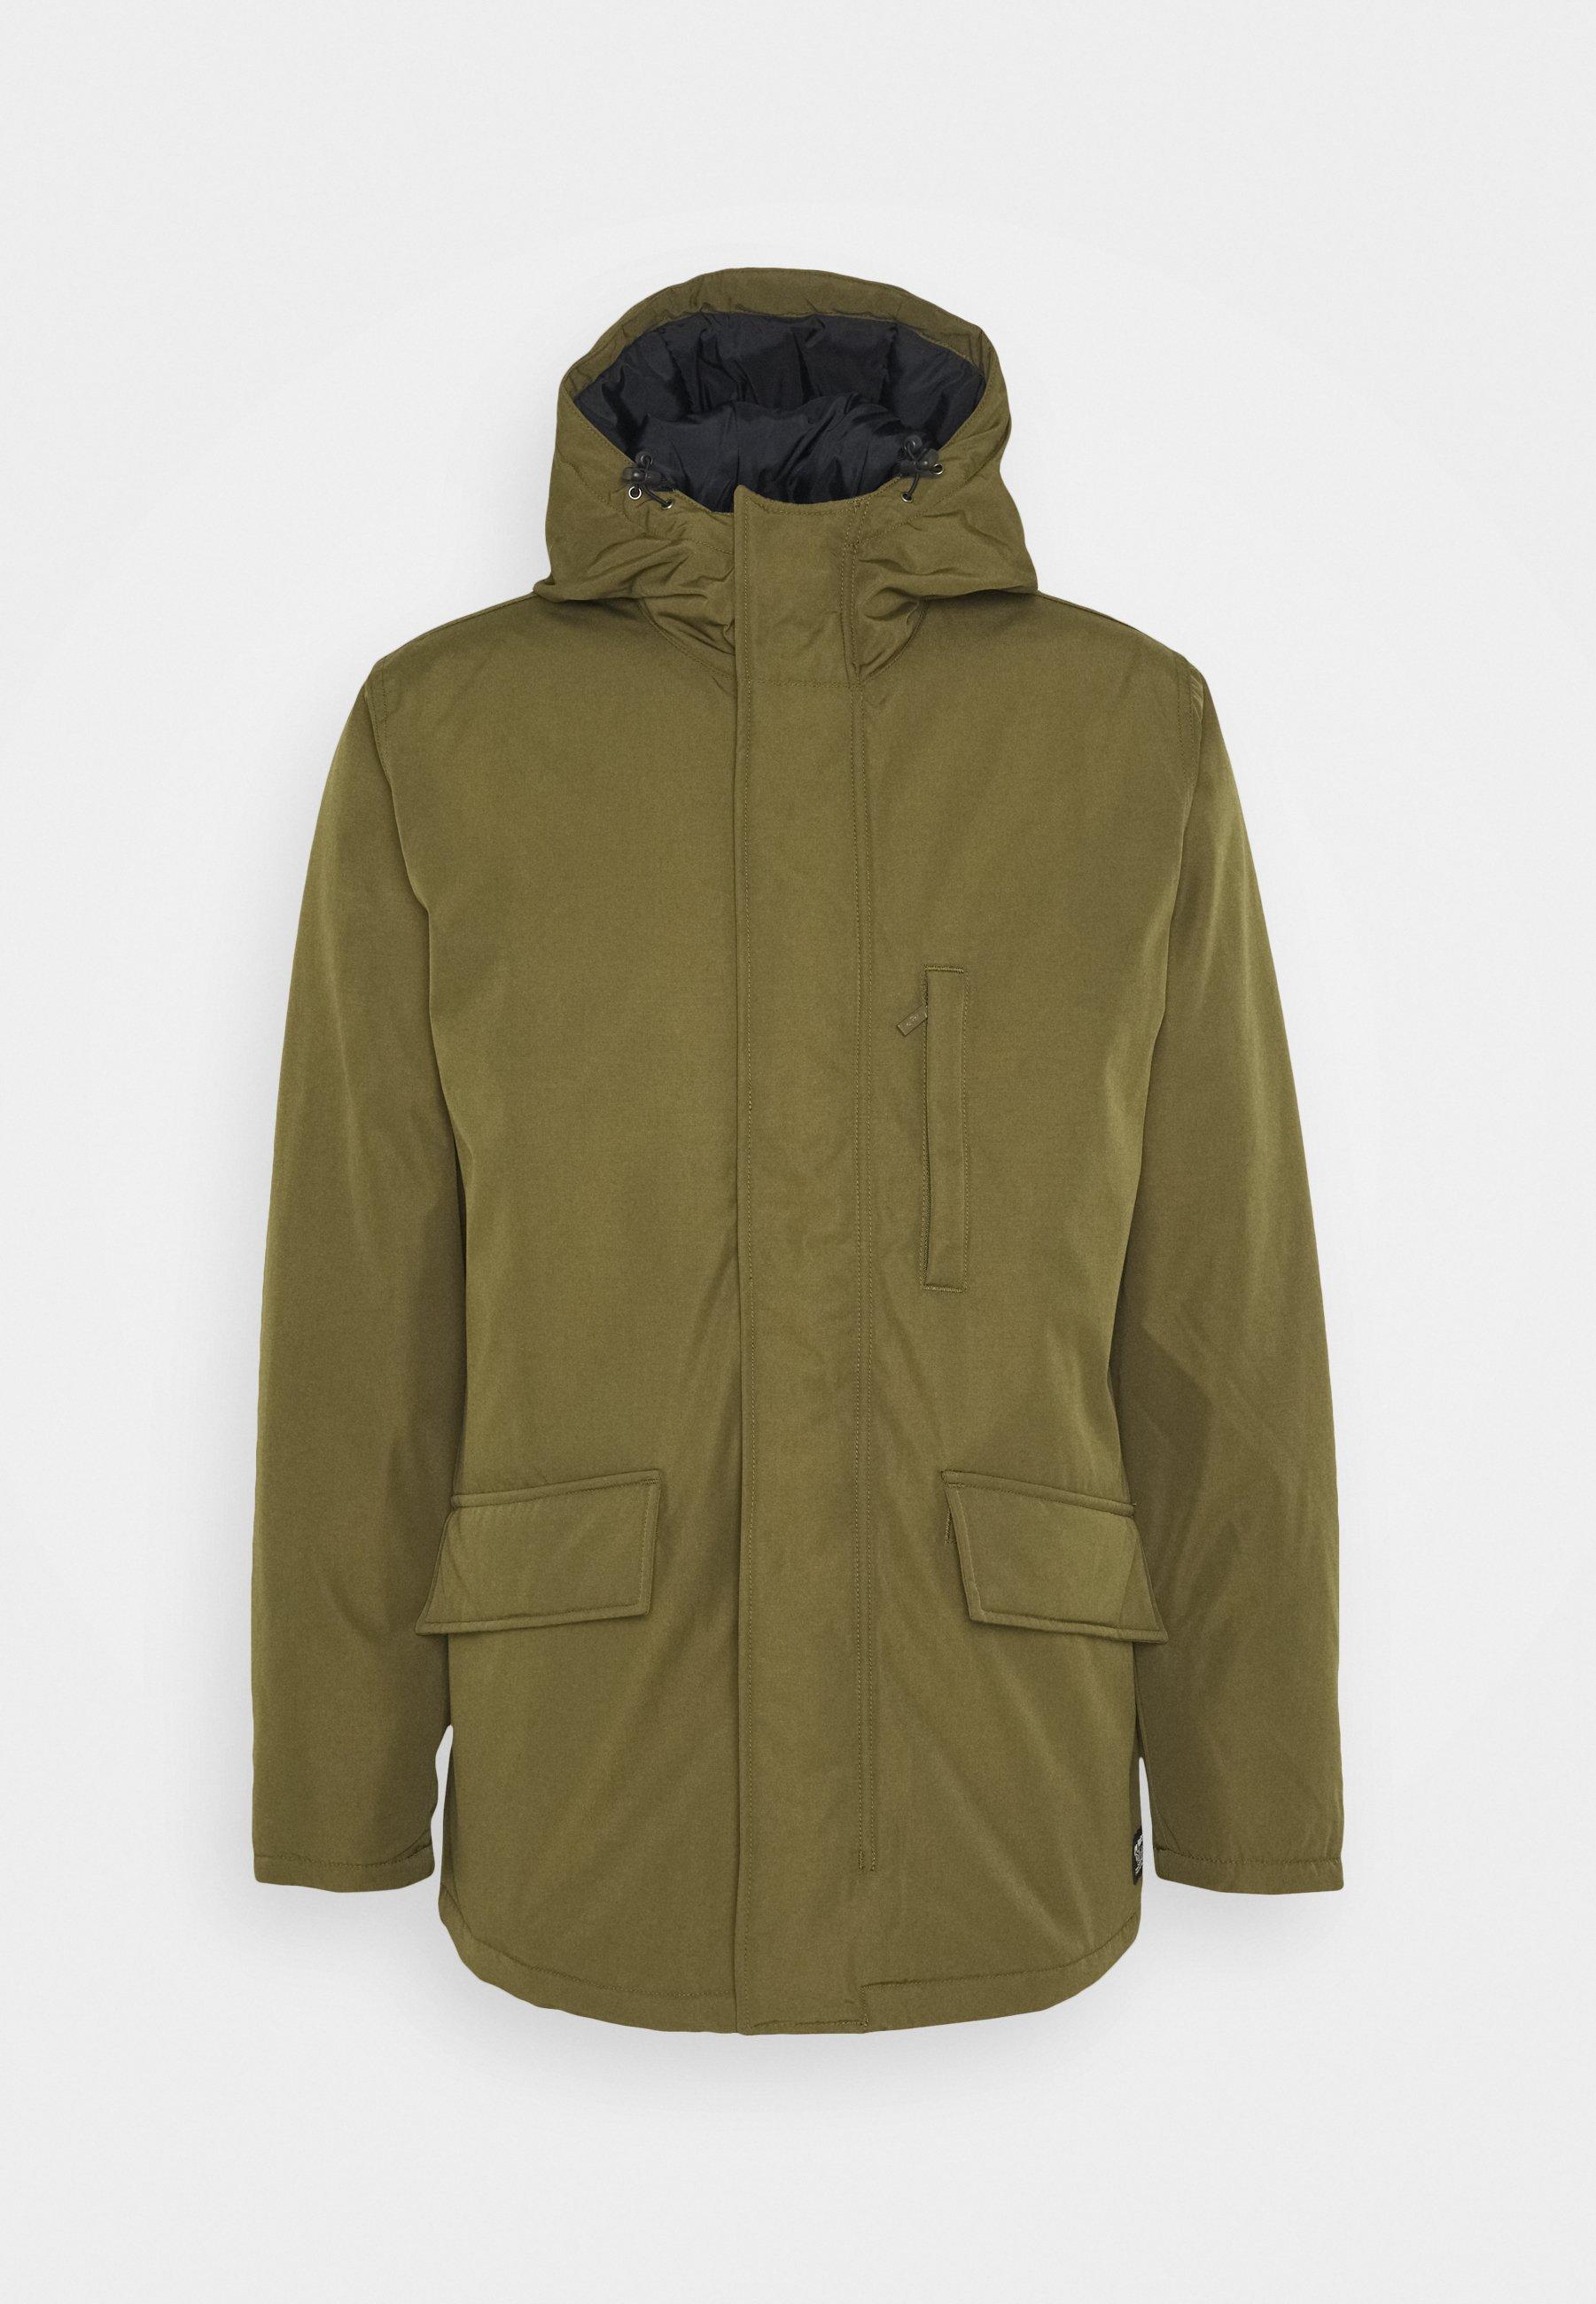 veste manteaux levi's